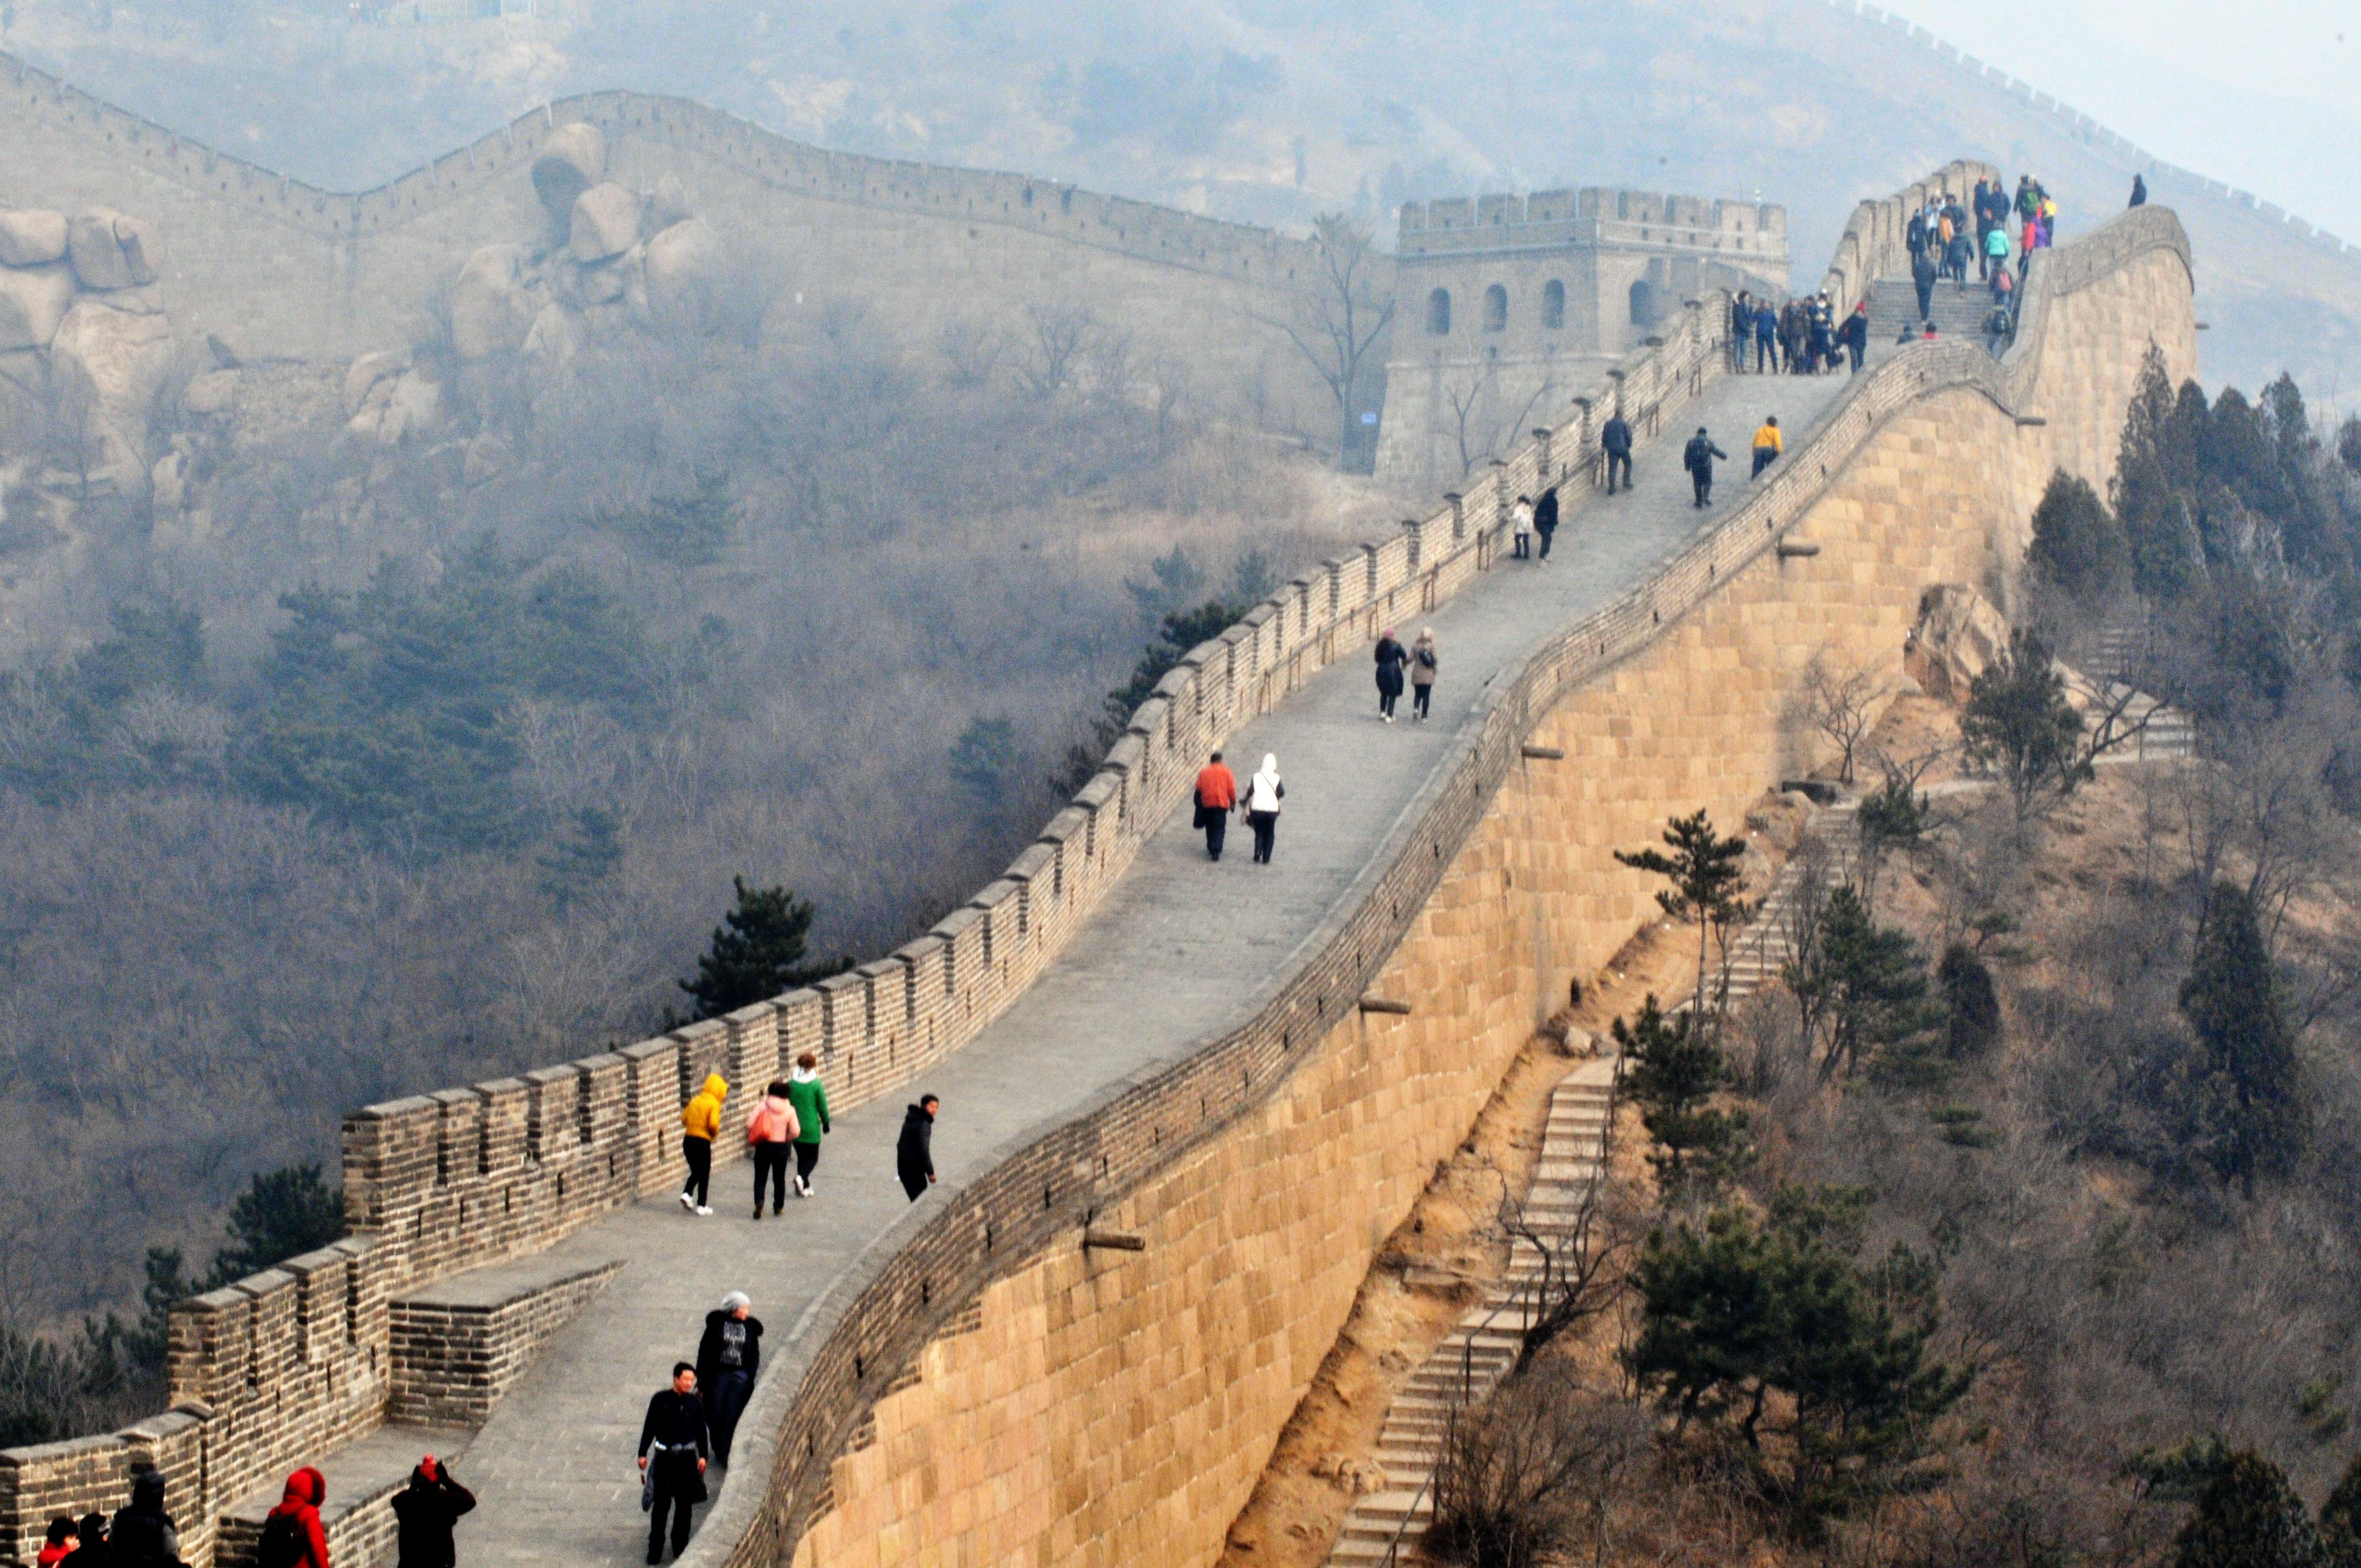 File:Muraille de Chine 733.JPG - Wikimedia Commons